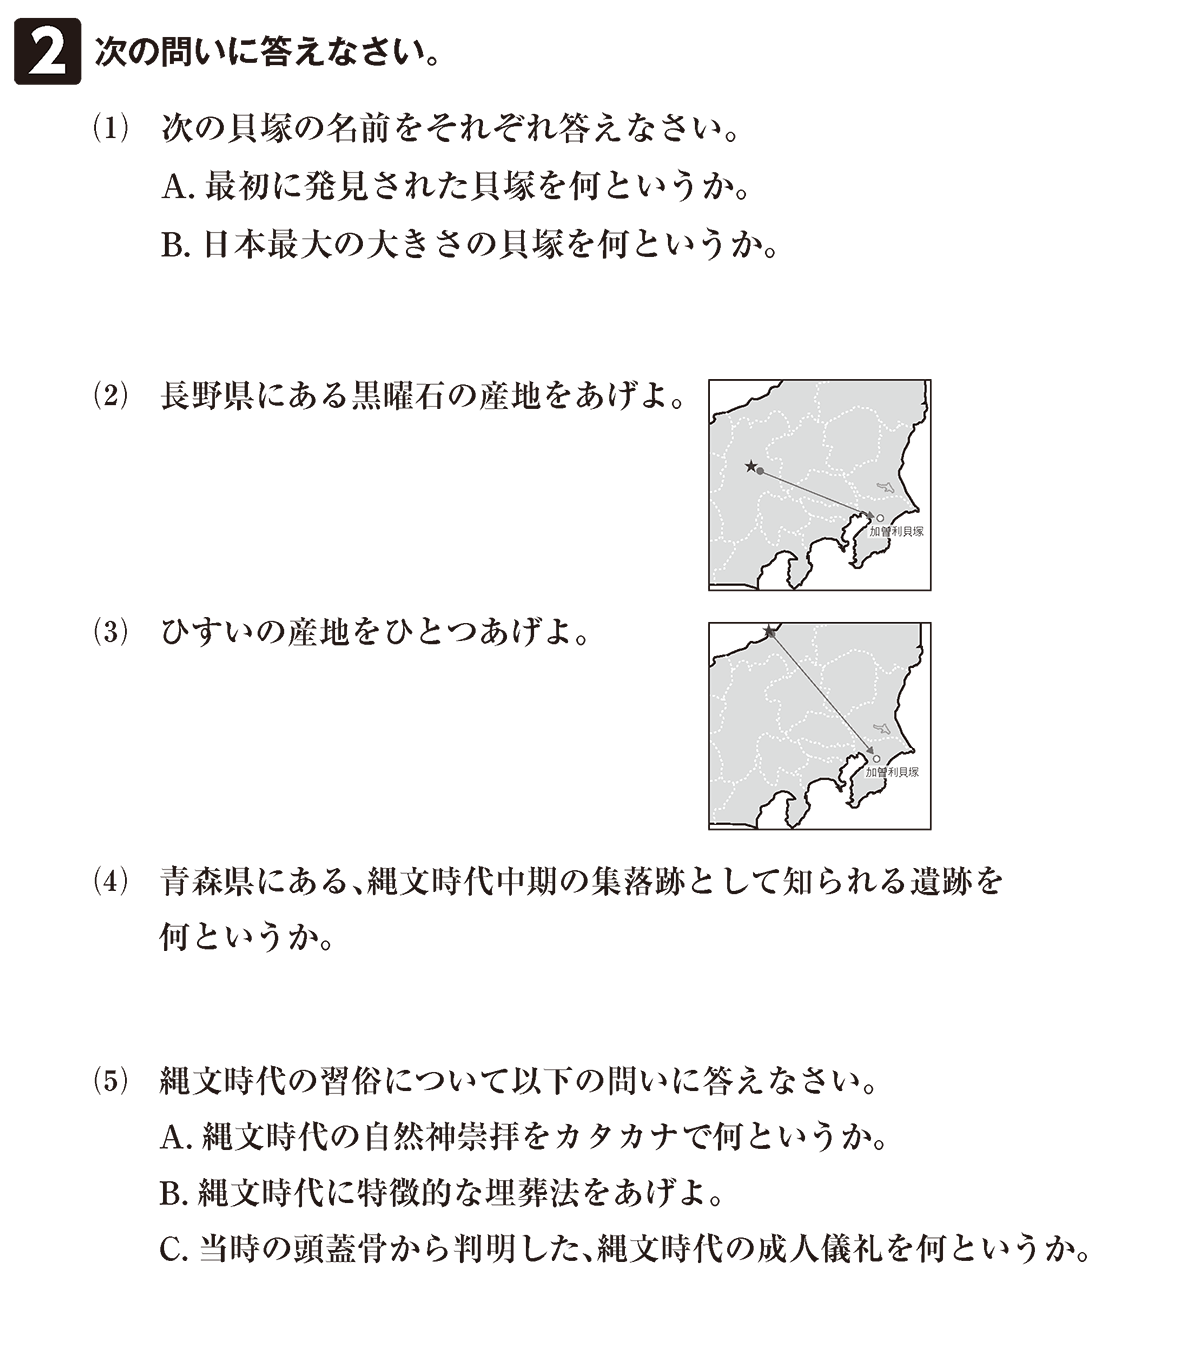 縄文時代3 問題2 問題